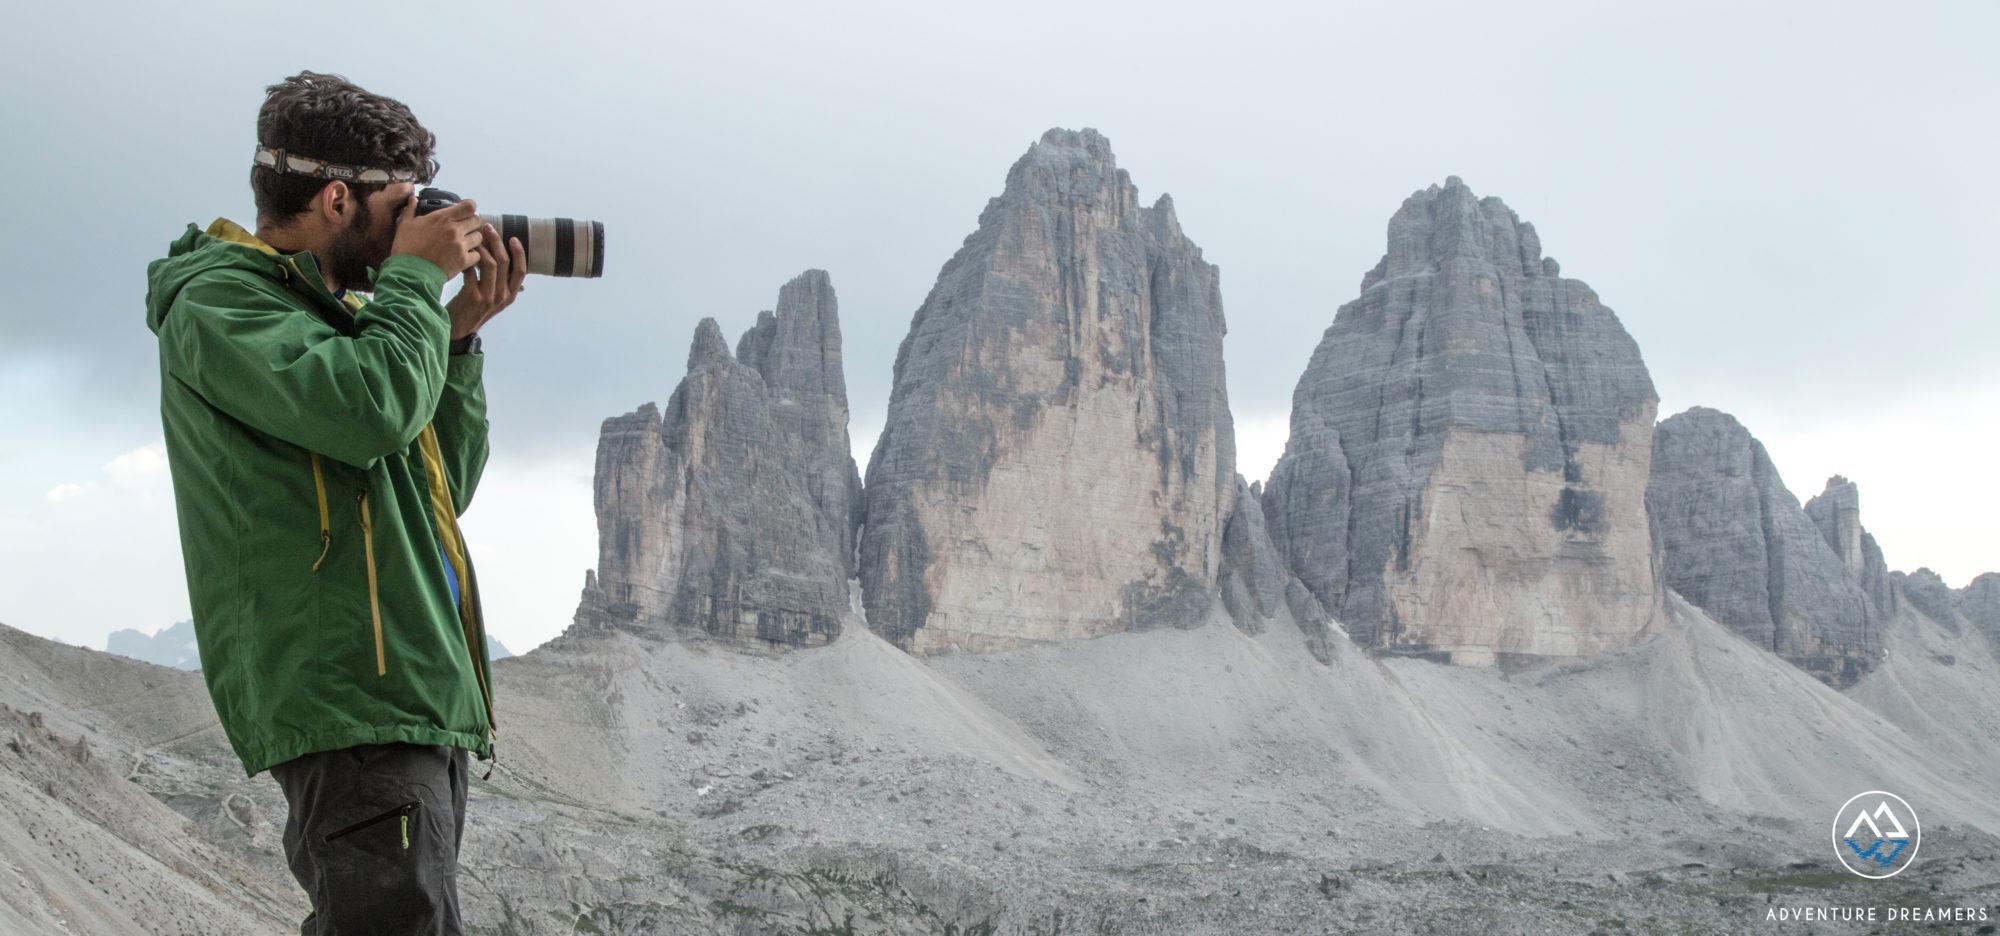 Luca di Adventure Dreamers durante un servizio fotografico alle Tre Cime di Lavaredo, Dolomiti